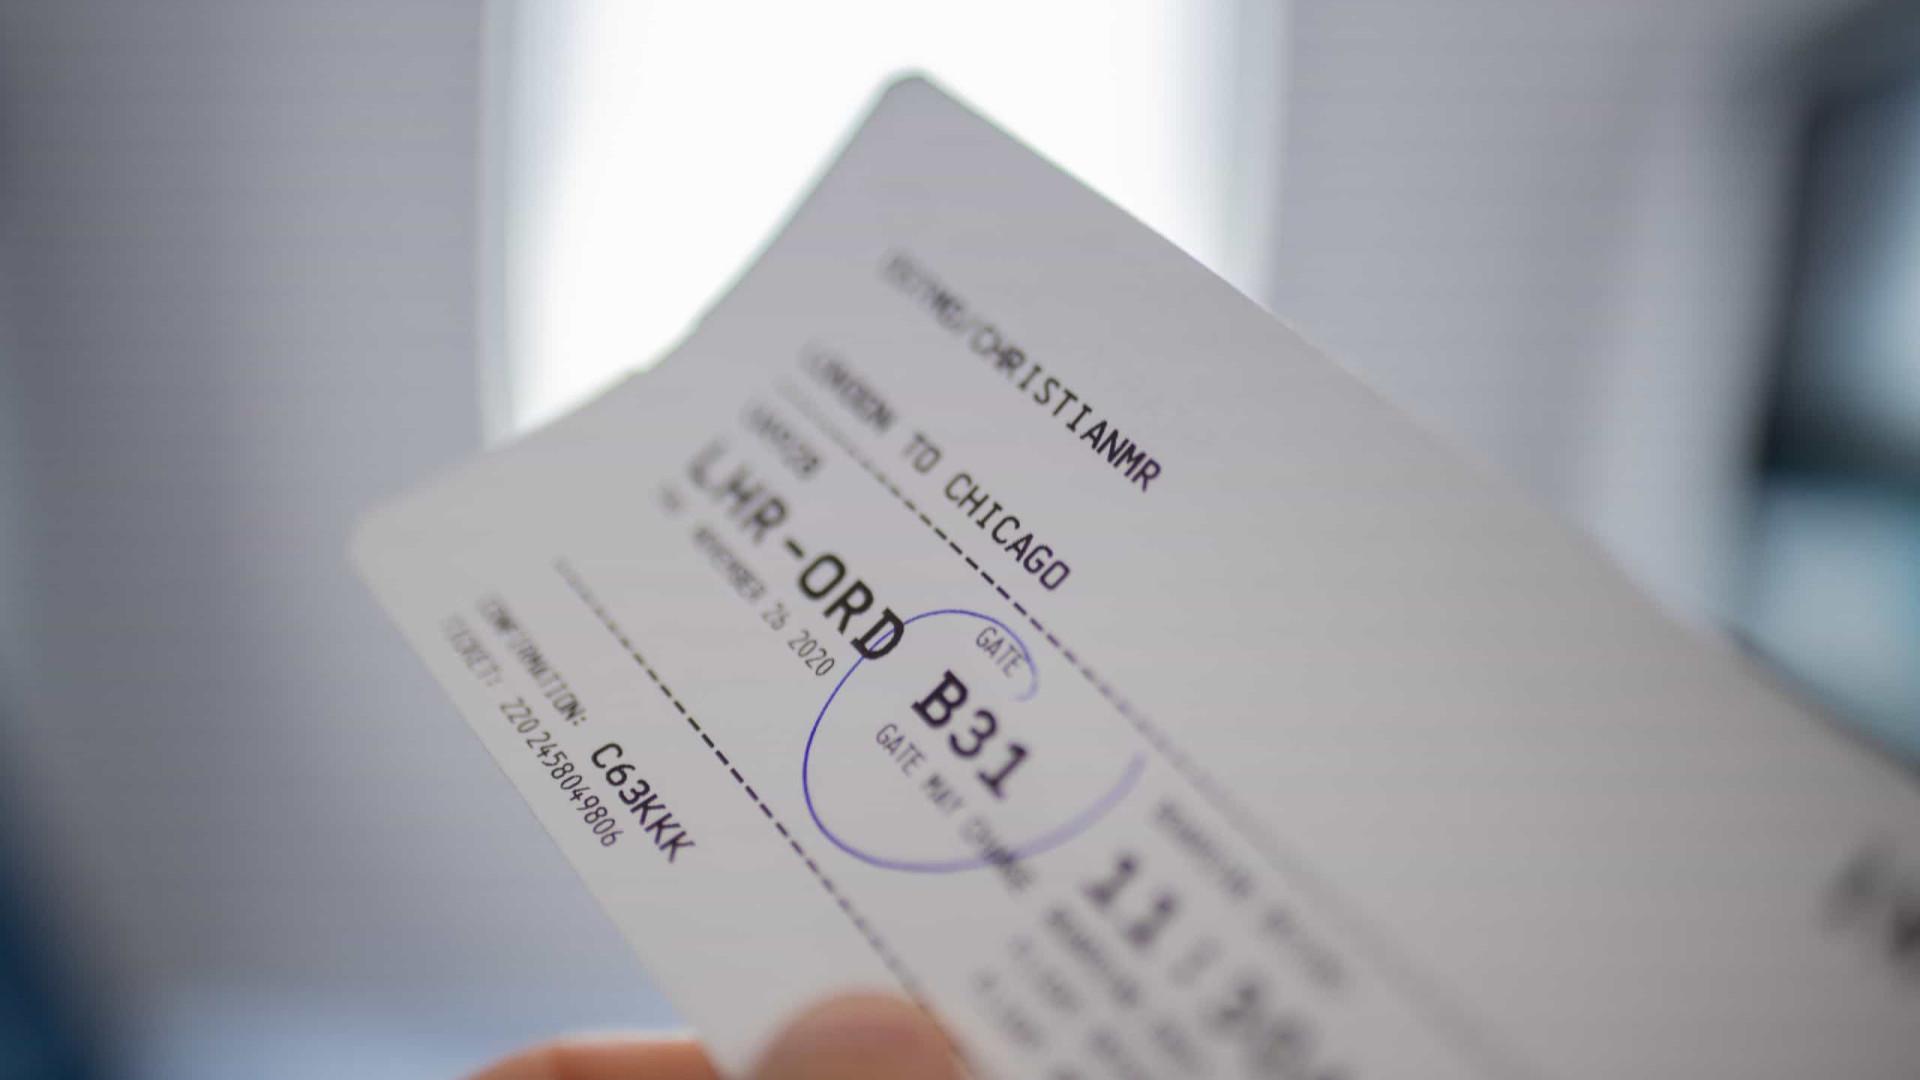 Sancionada lei que prorroga regra de reembolso e remarcação de passagem